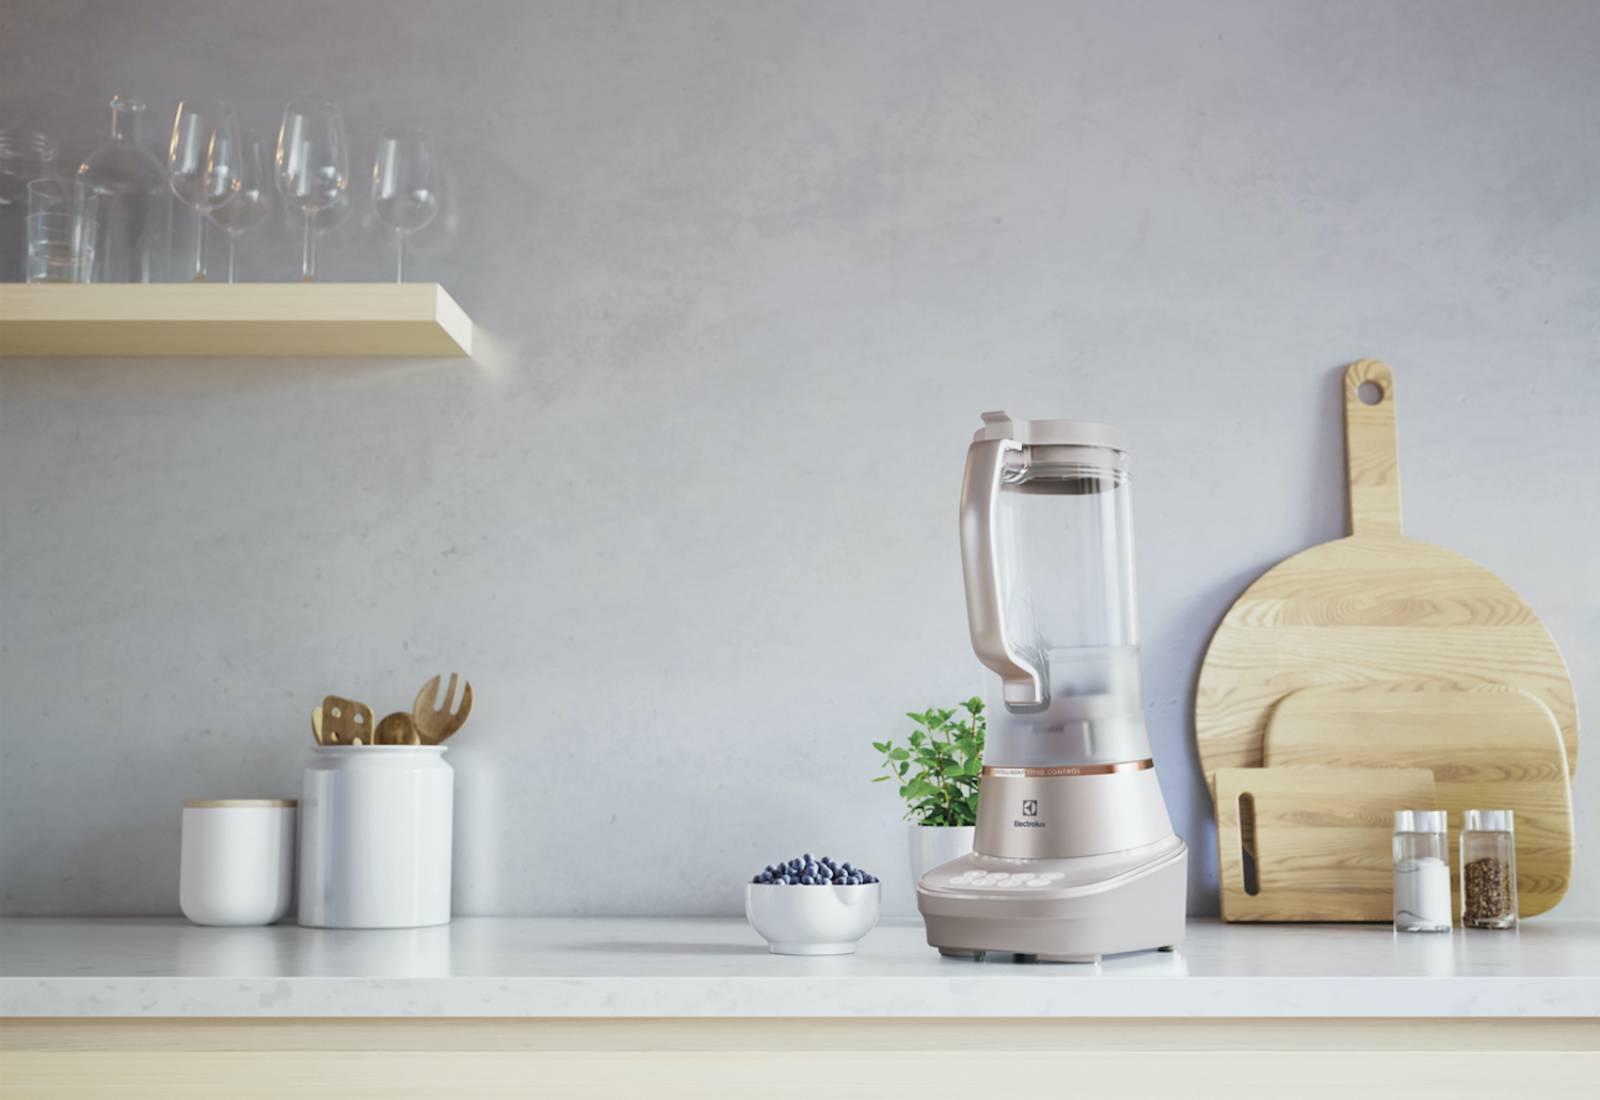 Immagine Il frullatore porta fantasia in cucina 1